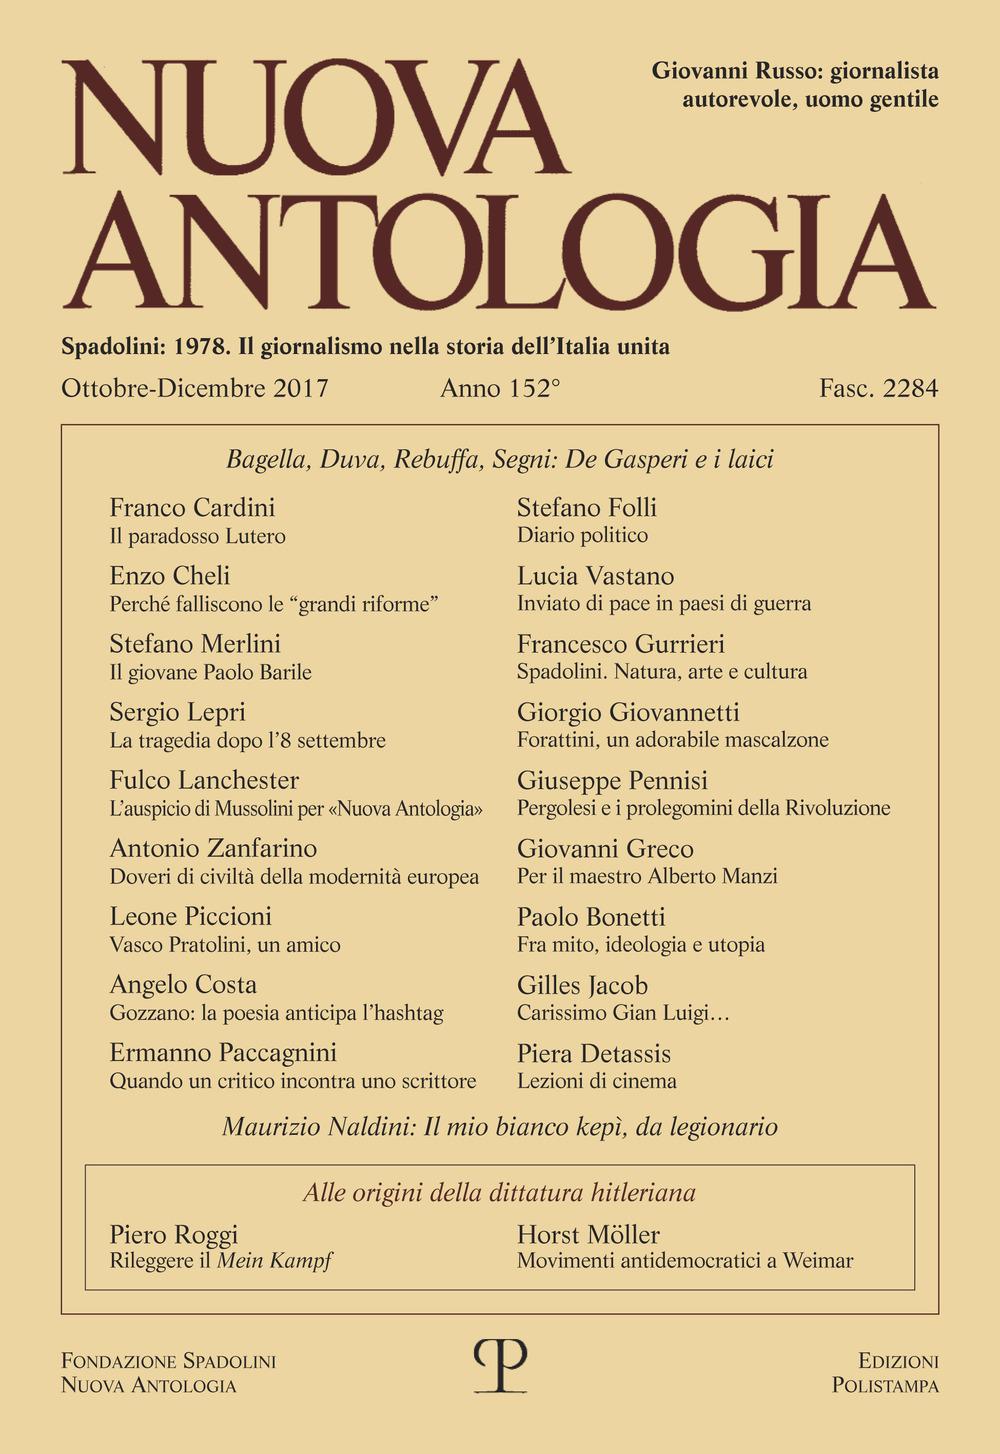 Image of Nuova antologia (2017). Vol. 4: Ottobre-Dicembre.